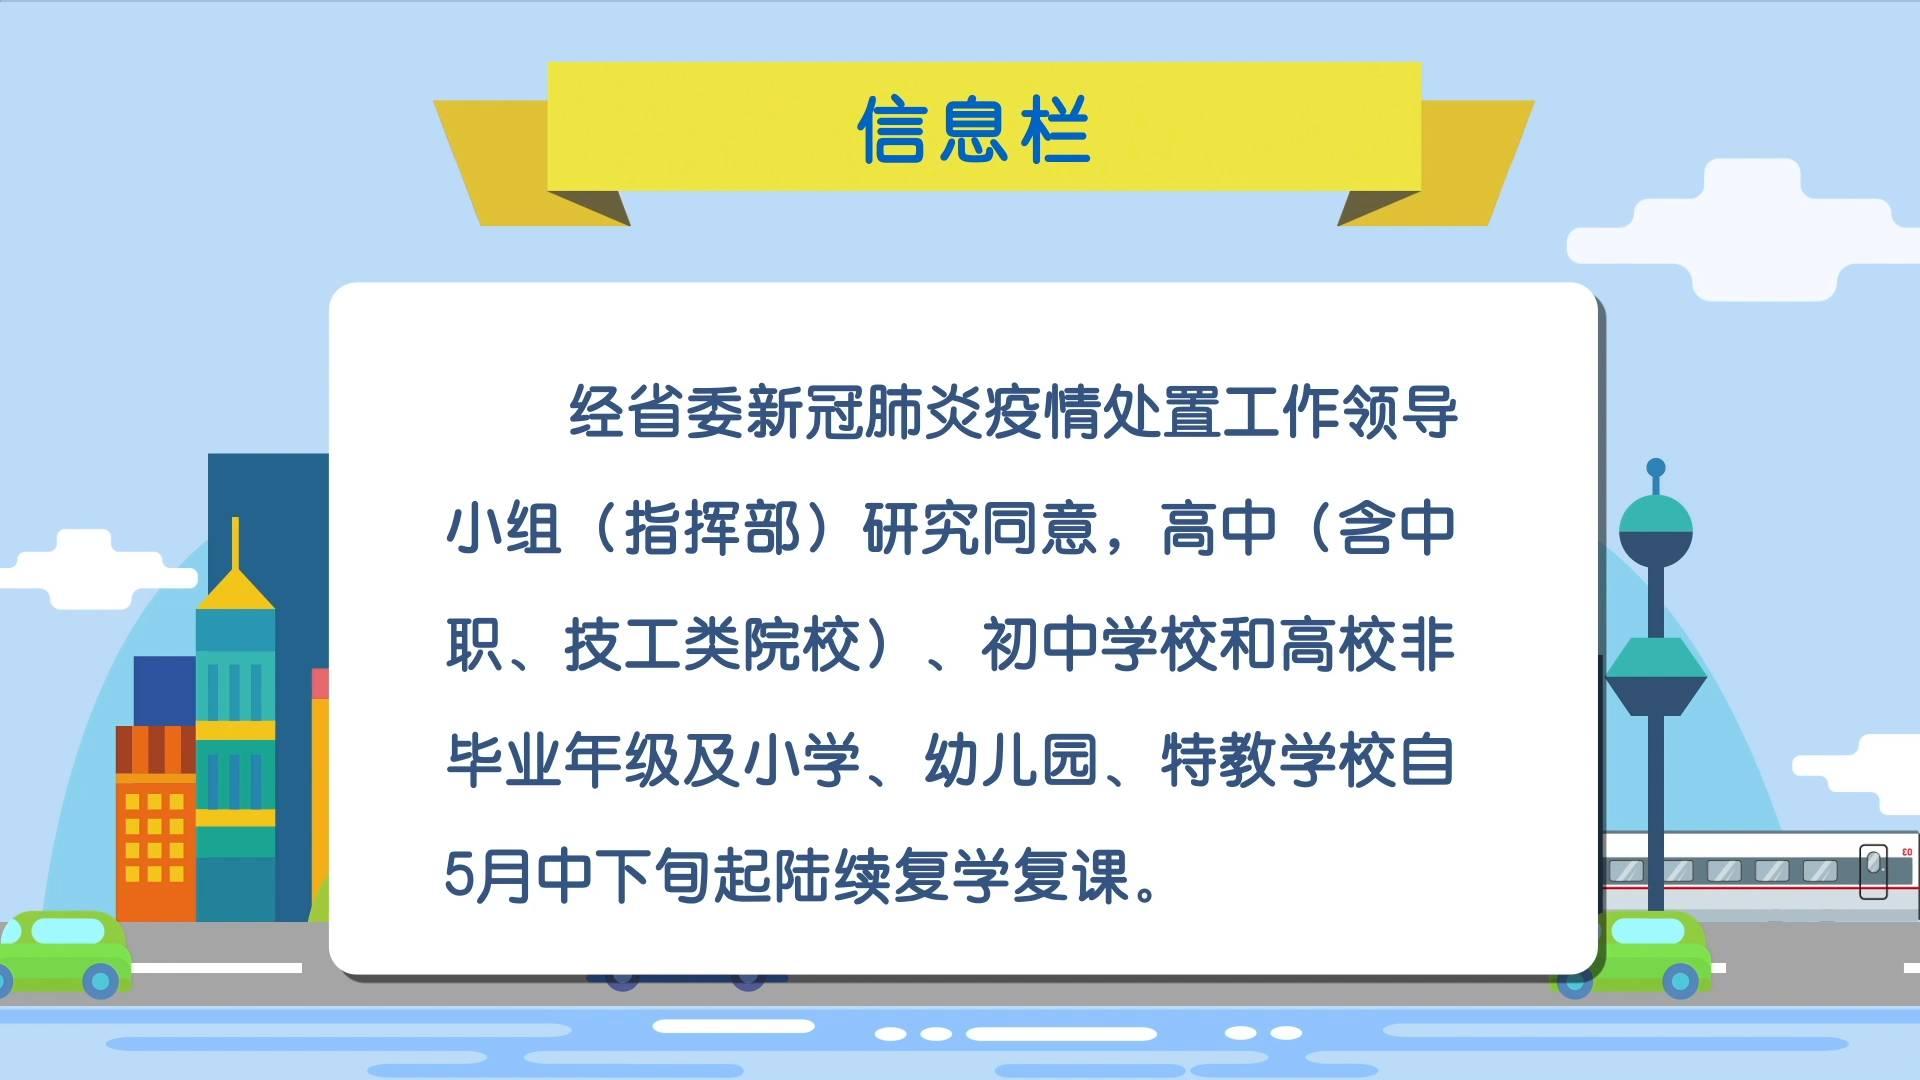 教育快讯《山东教育周刊》20200517播出